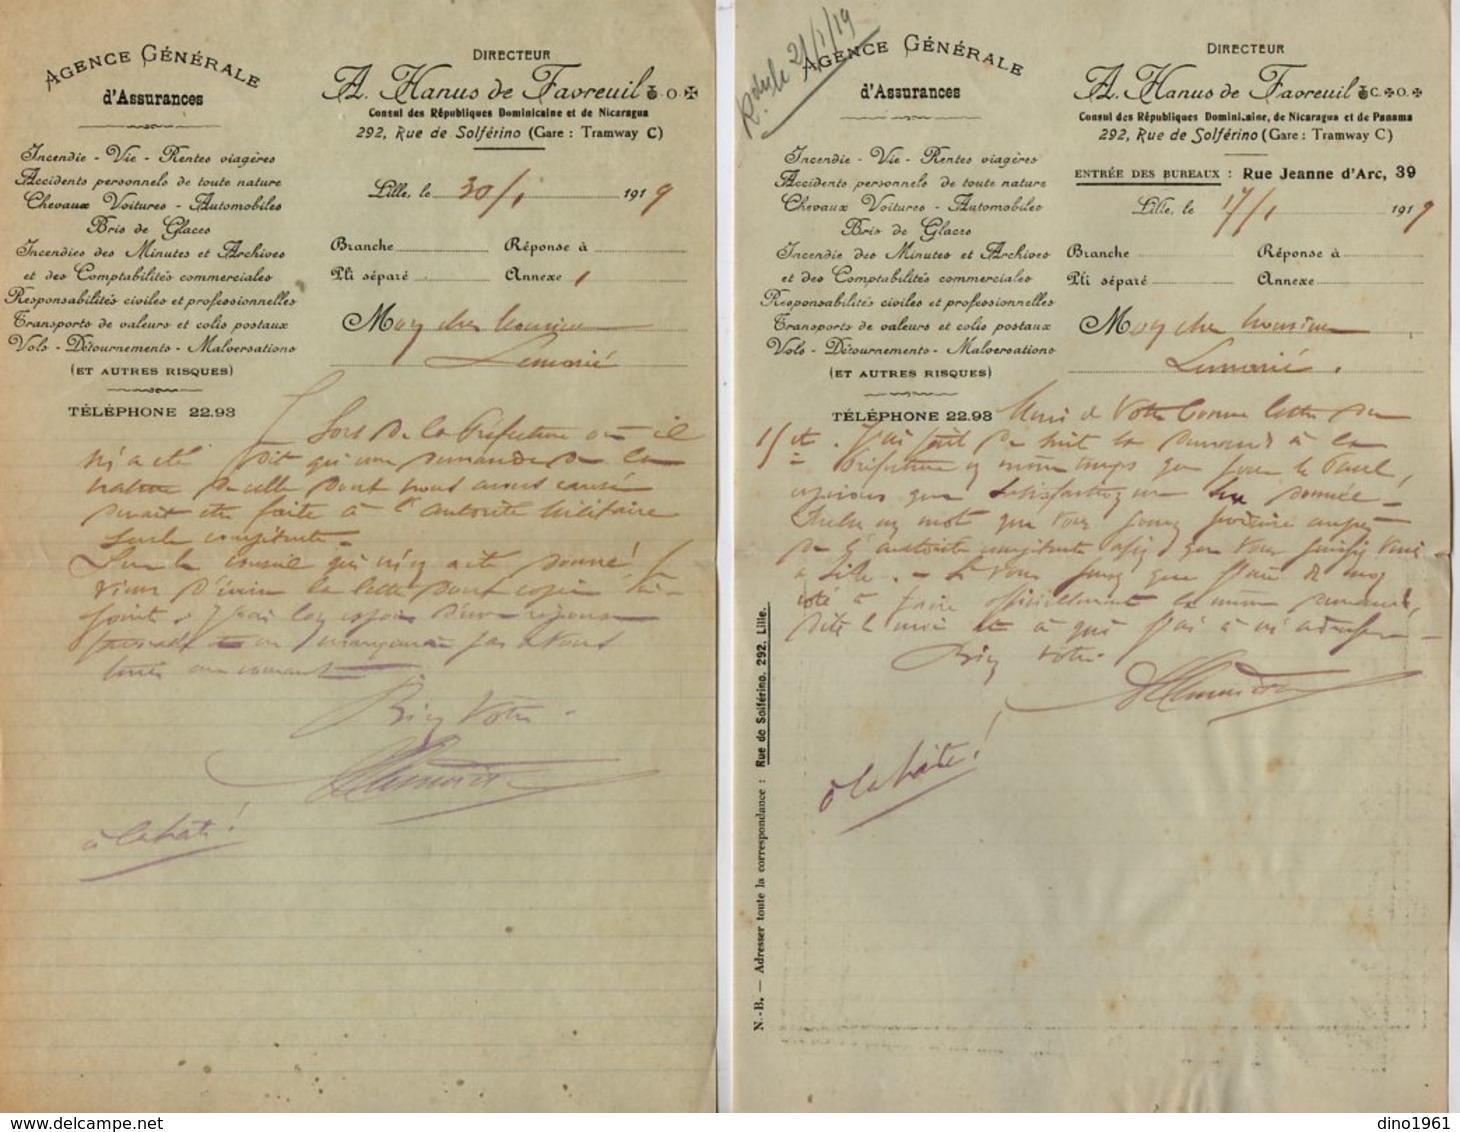 VP13.188 - 1919 - 2 Lettres De Mr A. HANUS De FAVREUIL Consul De NICARAGUA Et De PANAMA à LILLE - Banque & Assurance